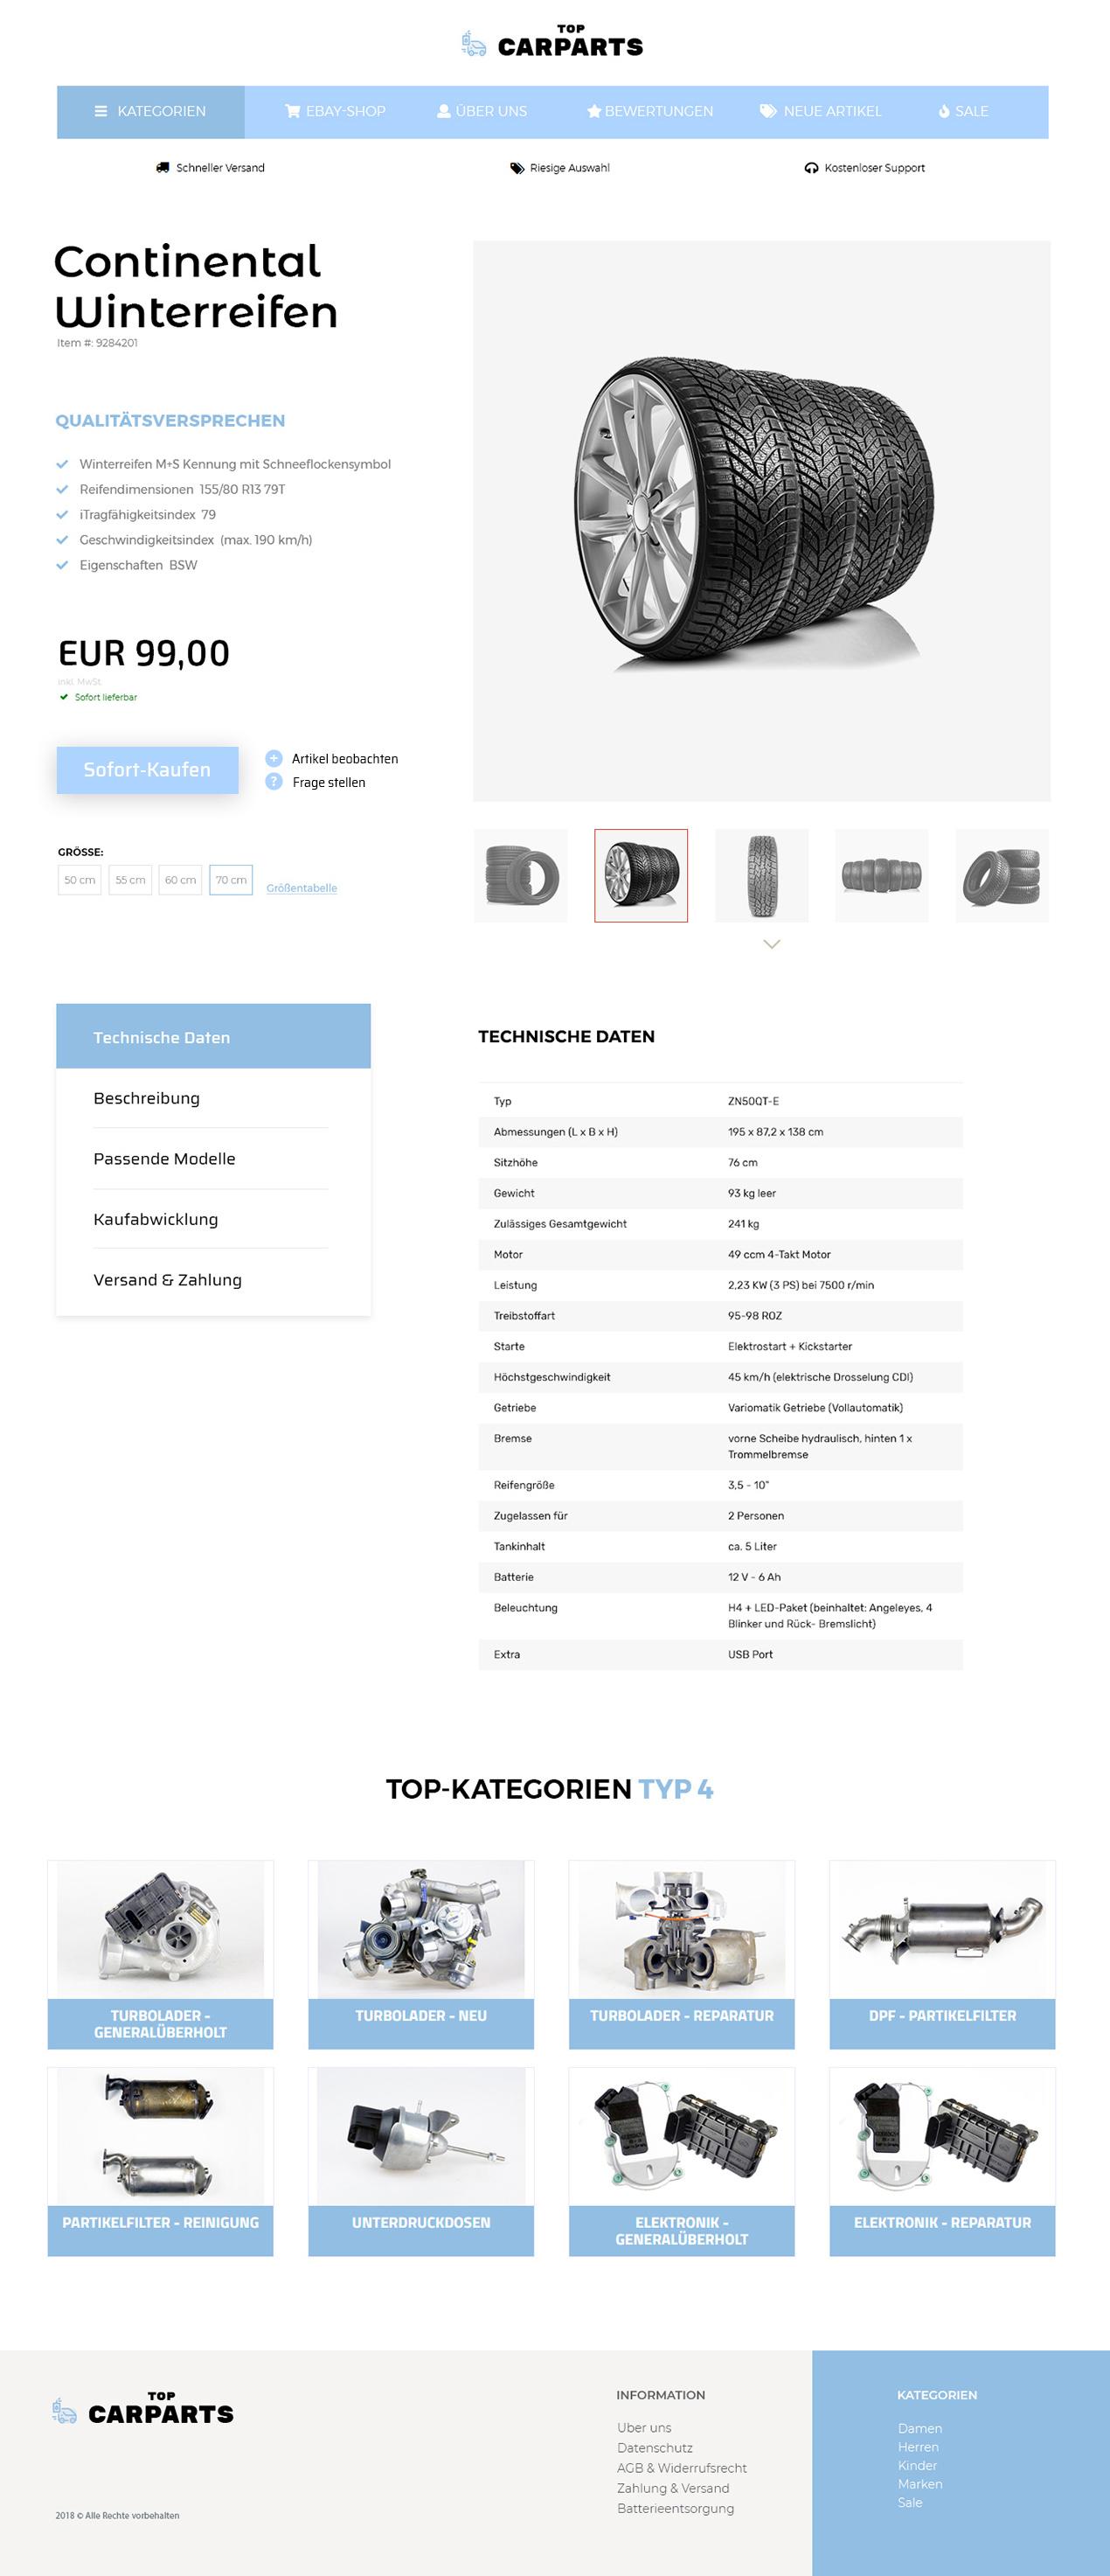 eBay Auktionsvorlage für KFZ, Auto & Motorrad Ersatzteile